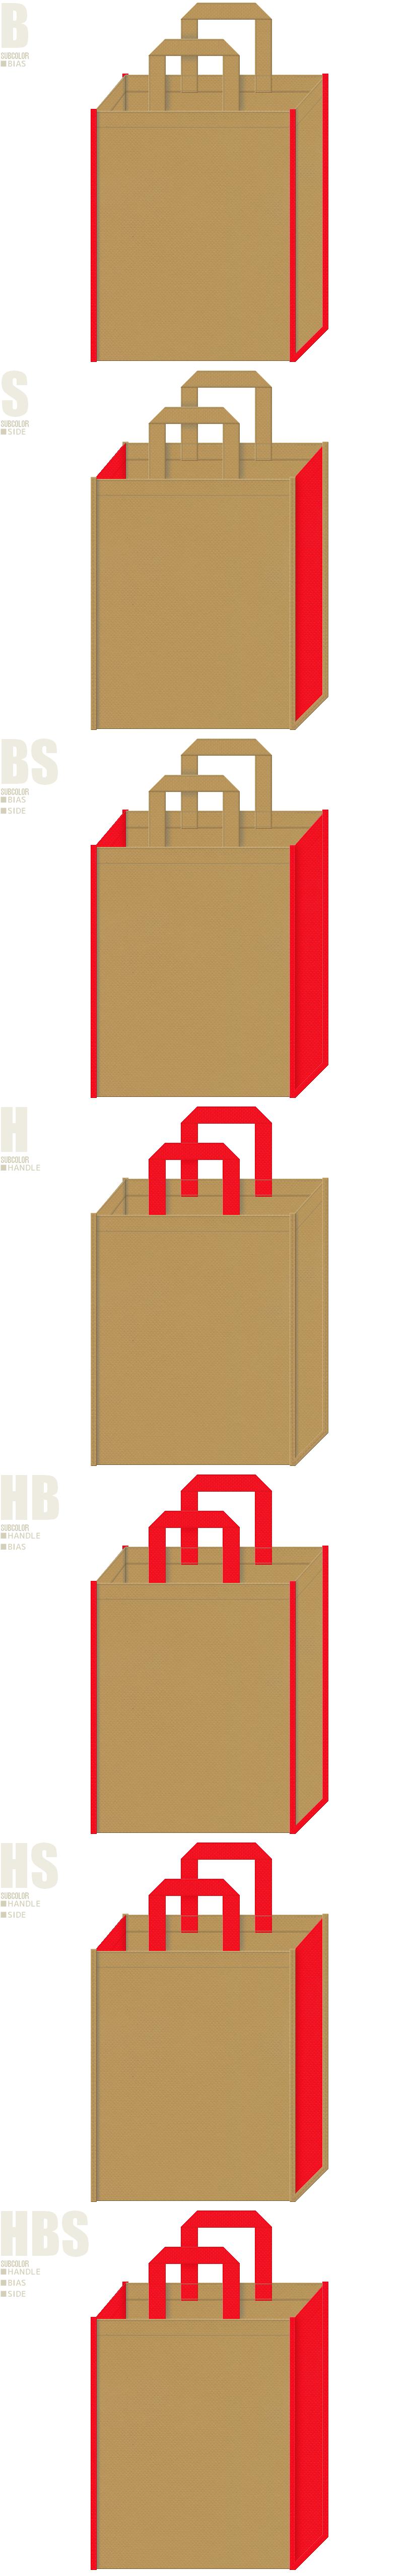 金色系黄土色と赤色、7パターンの不織布トートバッグ配色デザイン例。